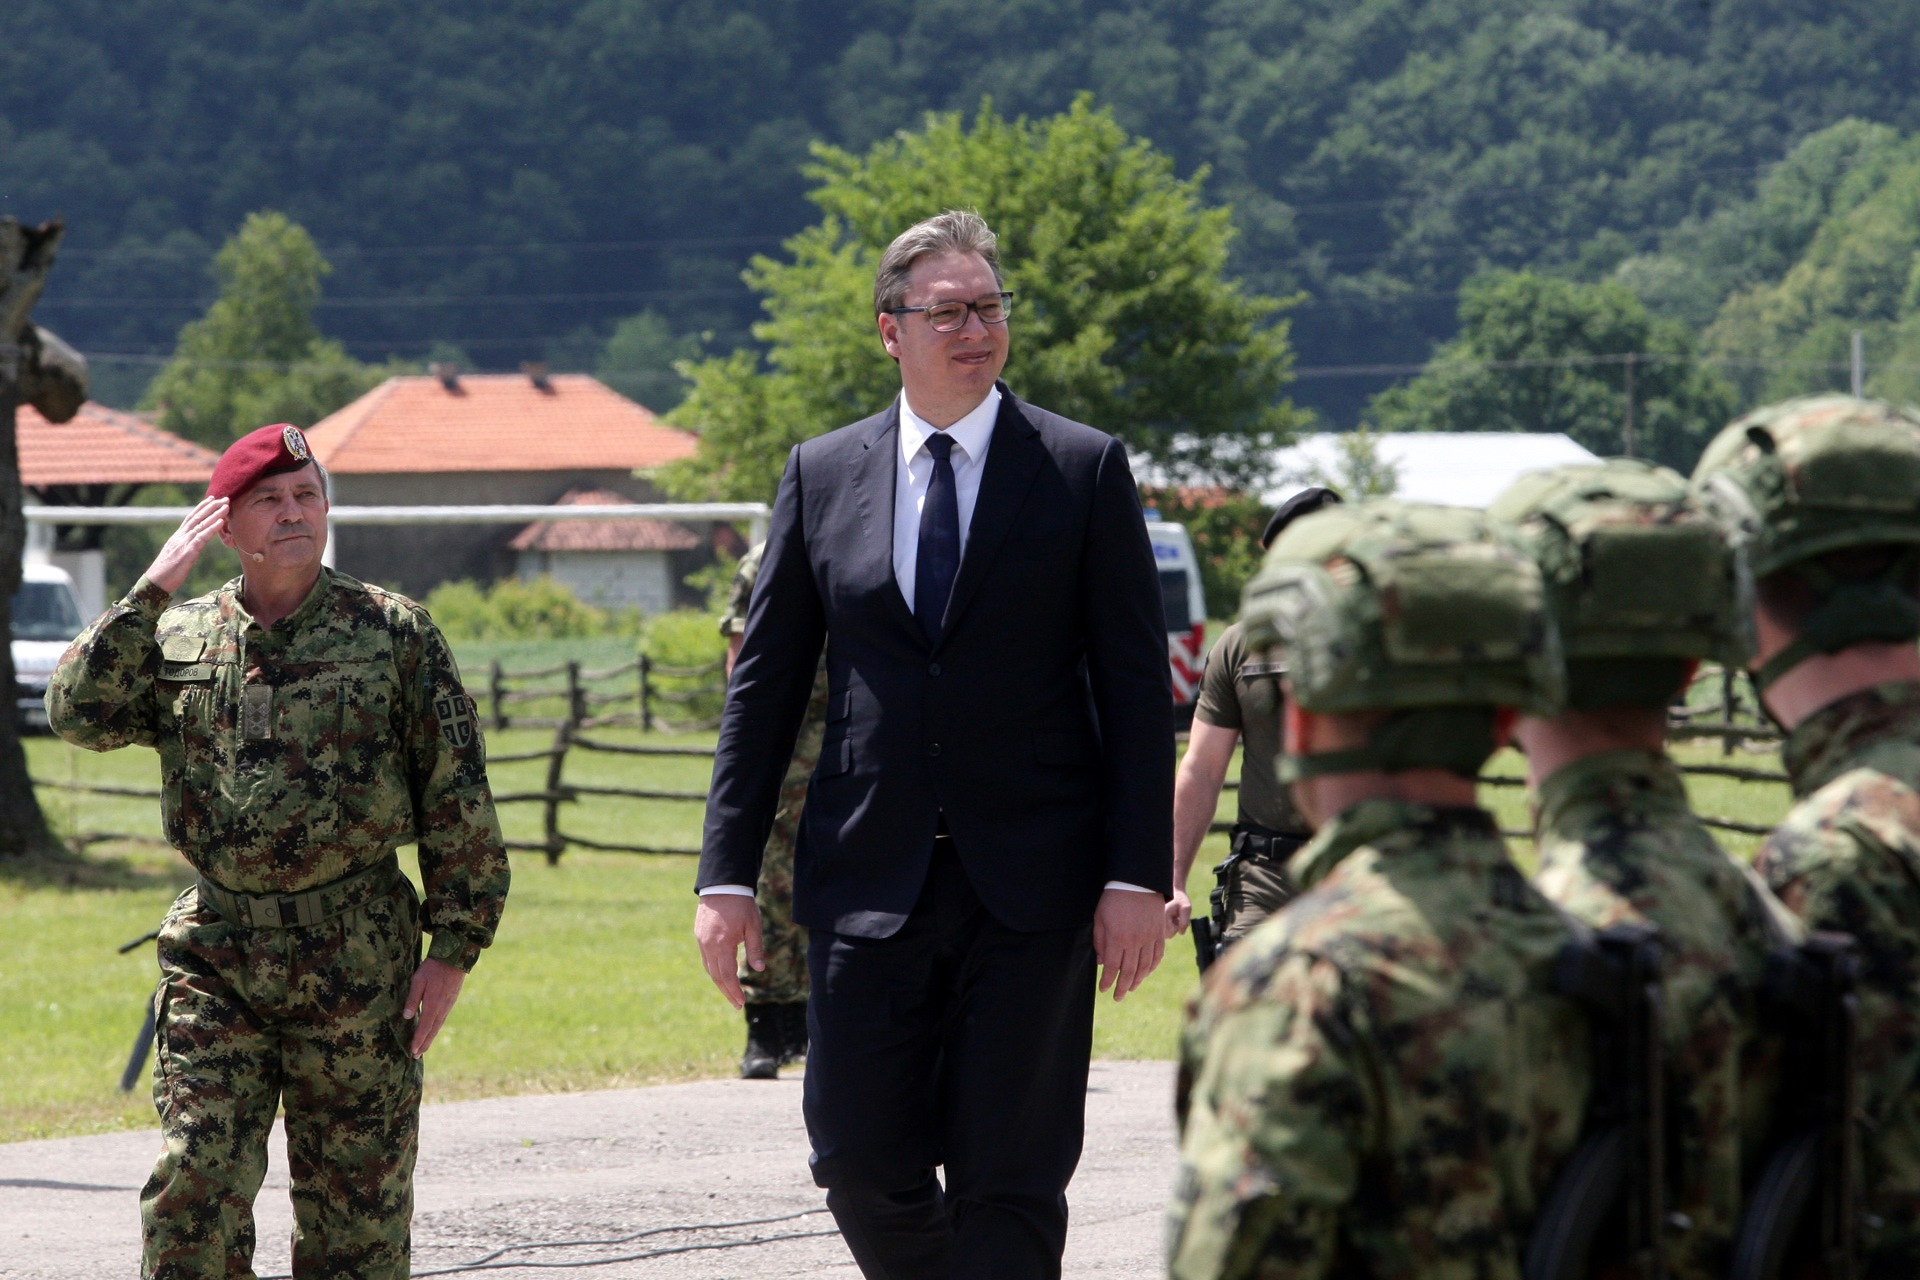 Predsednik Srbije Aleksandar Vucic zivite za te zastave, bicemo nesalomiv orah